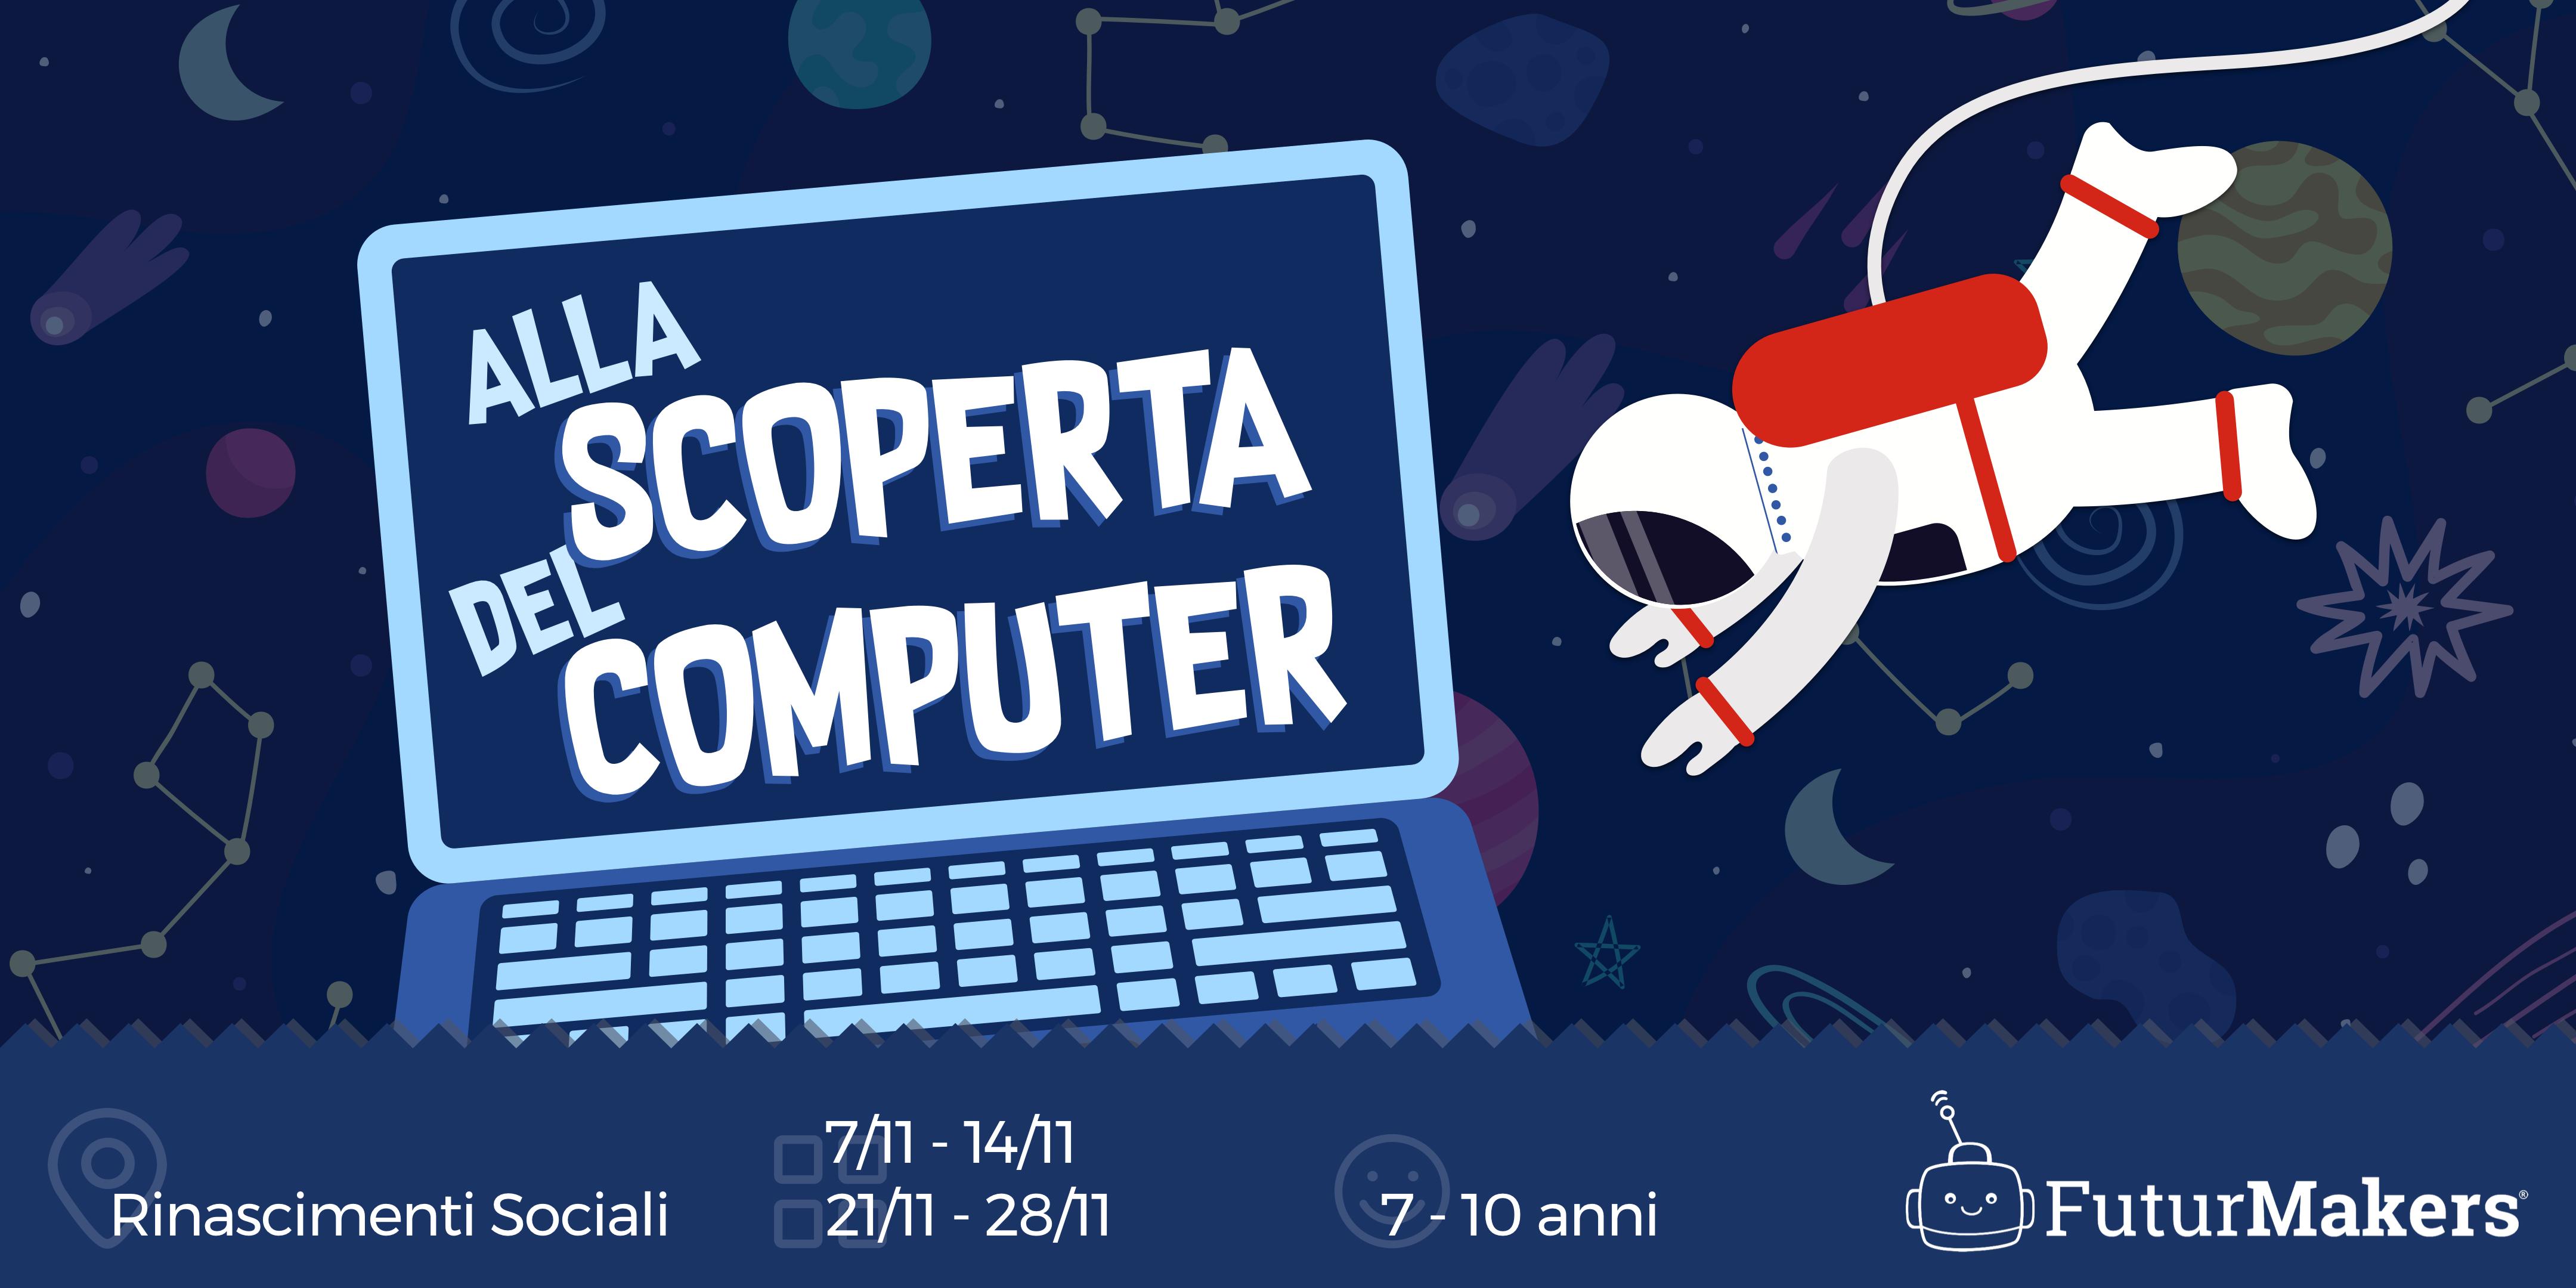 ALLA SCOPERTA DEL COMPUTER (7-10 ANNI)